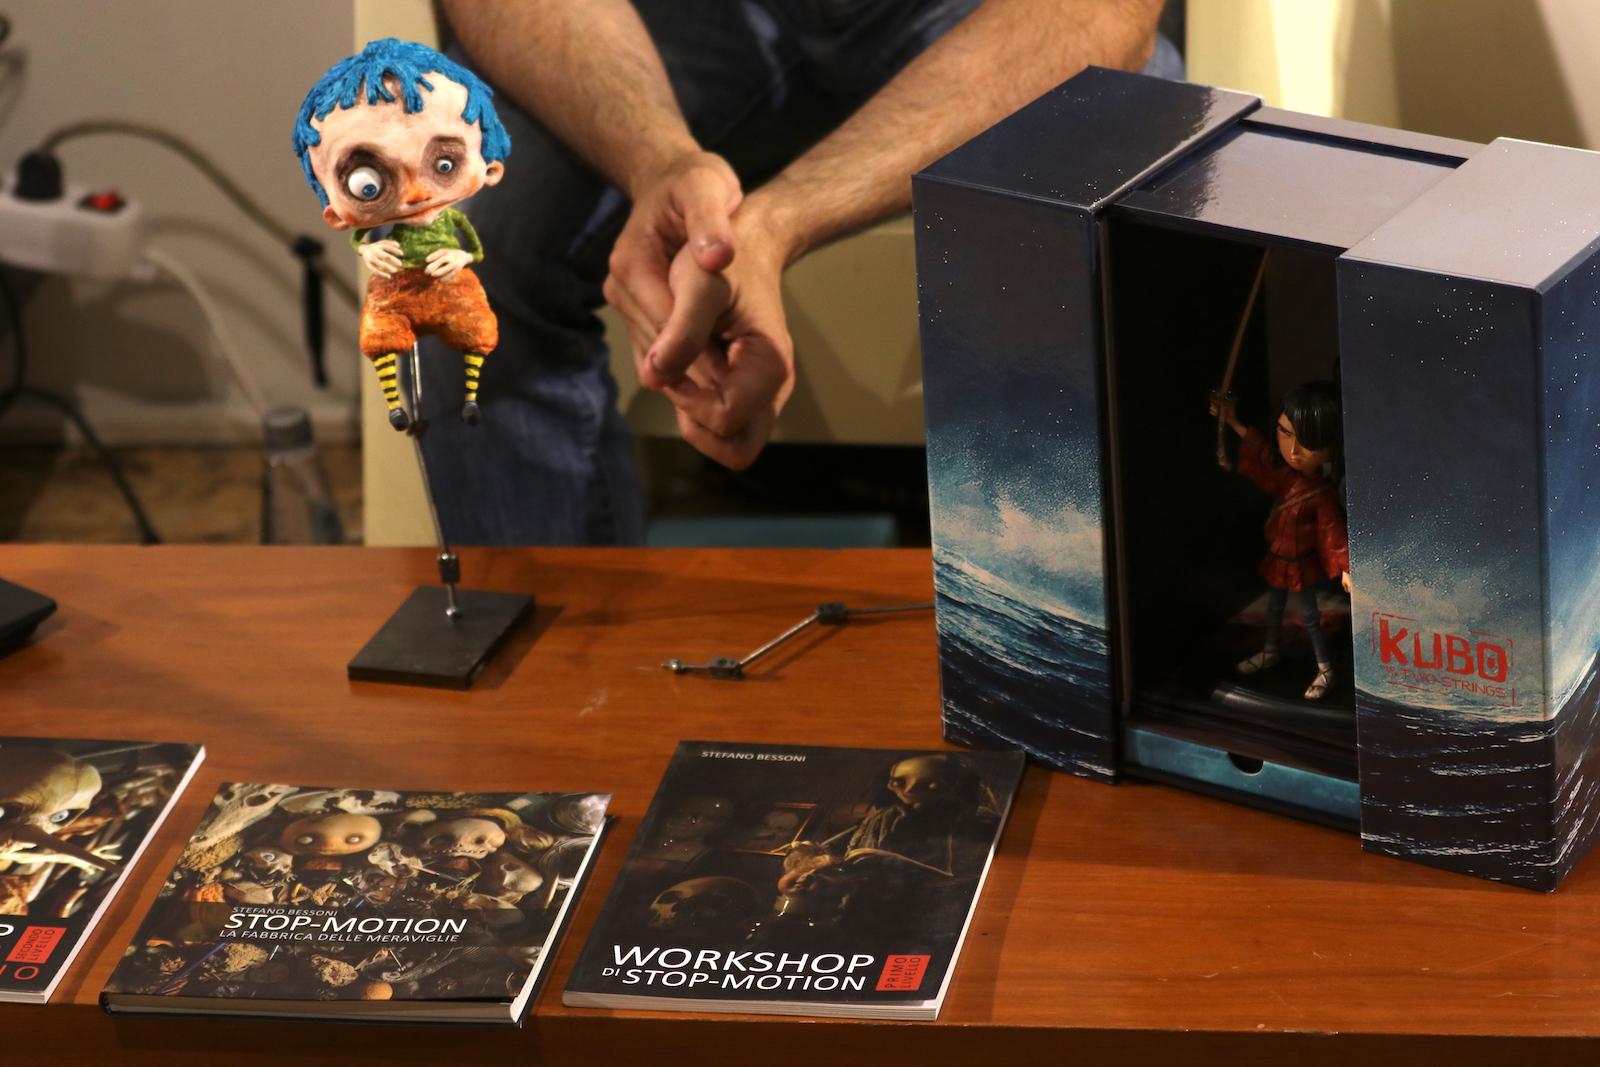 Roma 2016: gadget al workshop dedicato all'animazione stop motion